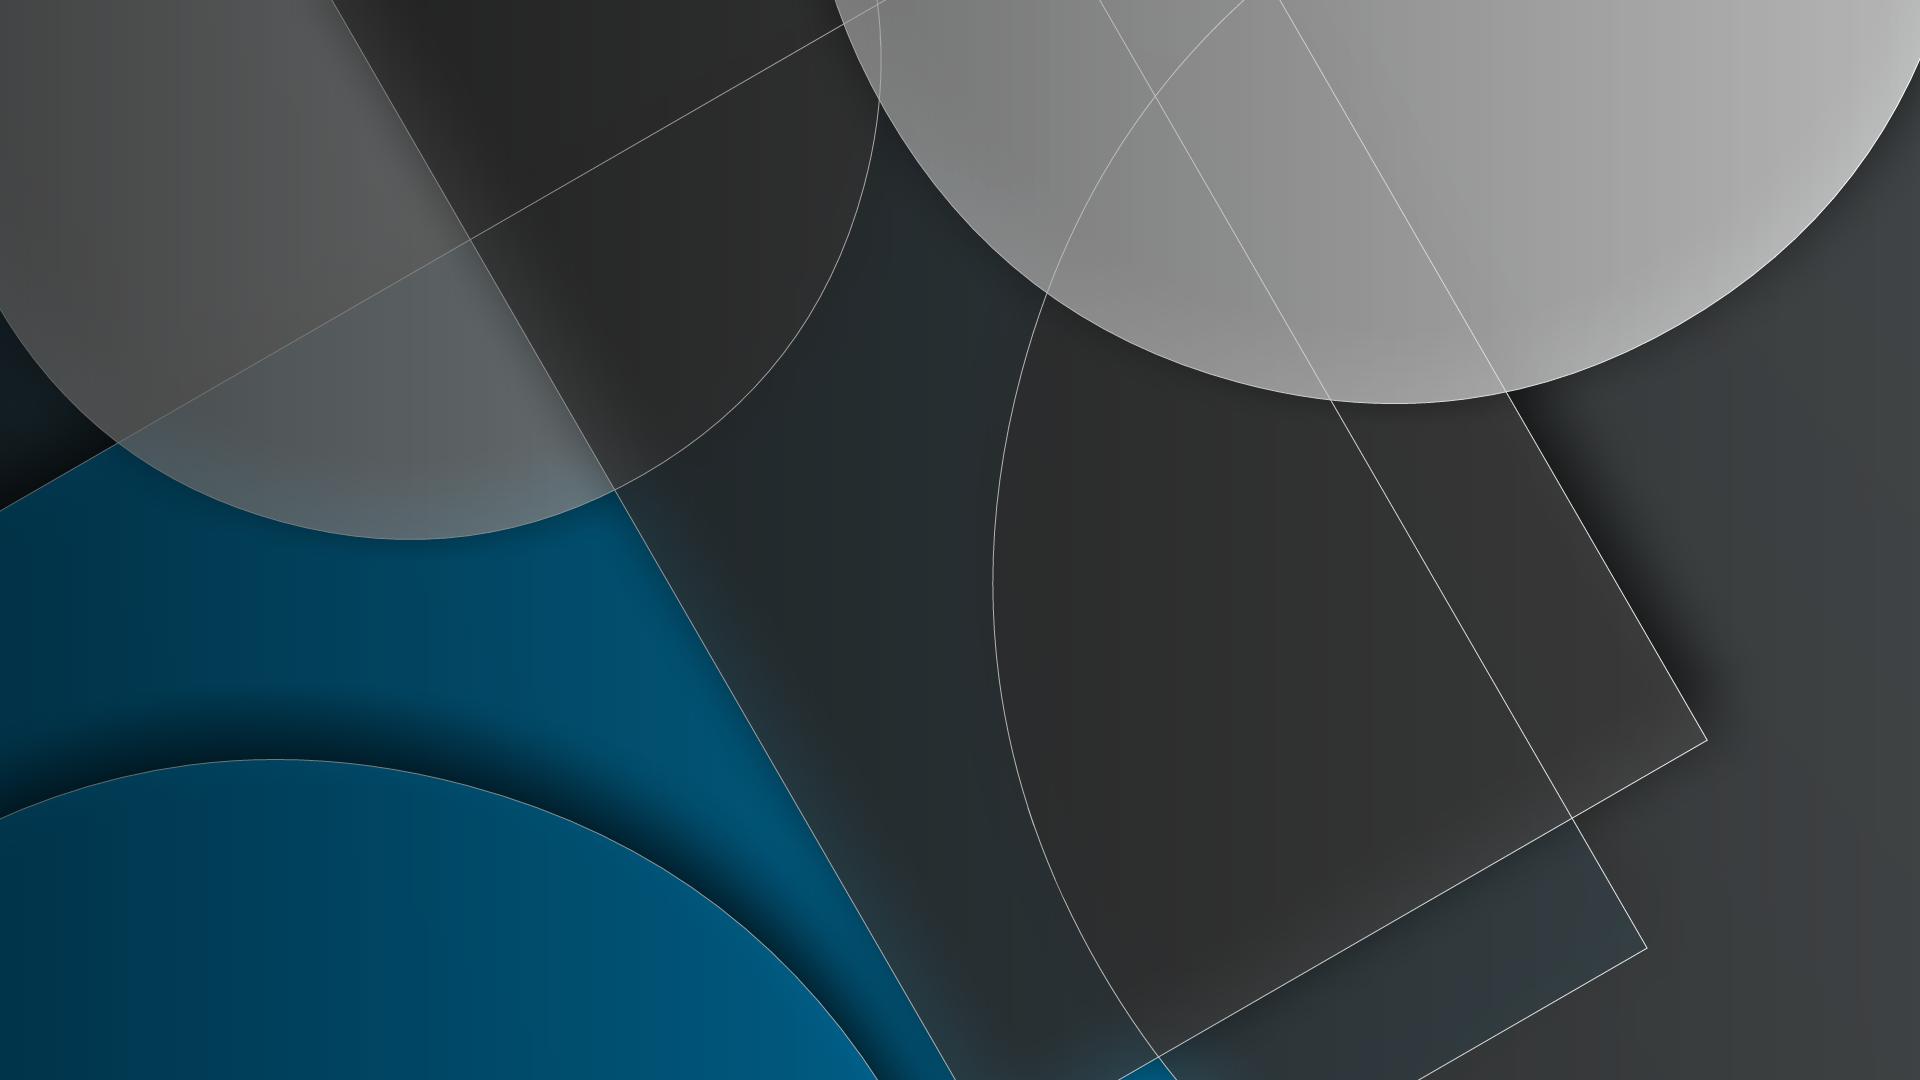 Fondos De Pantalla : Blanco, Ilustración, Simetría, Azul